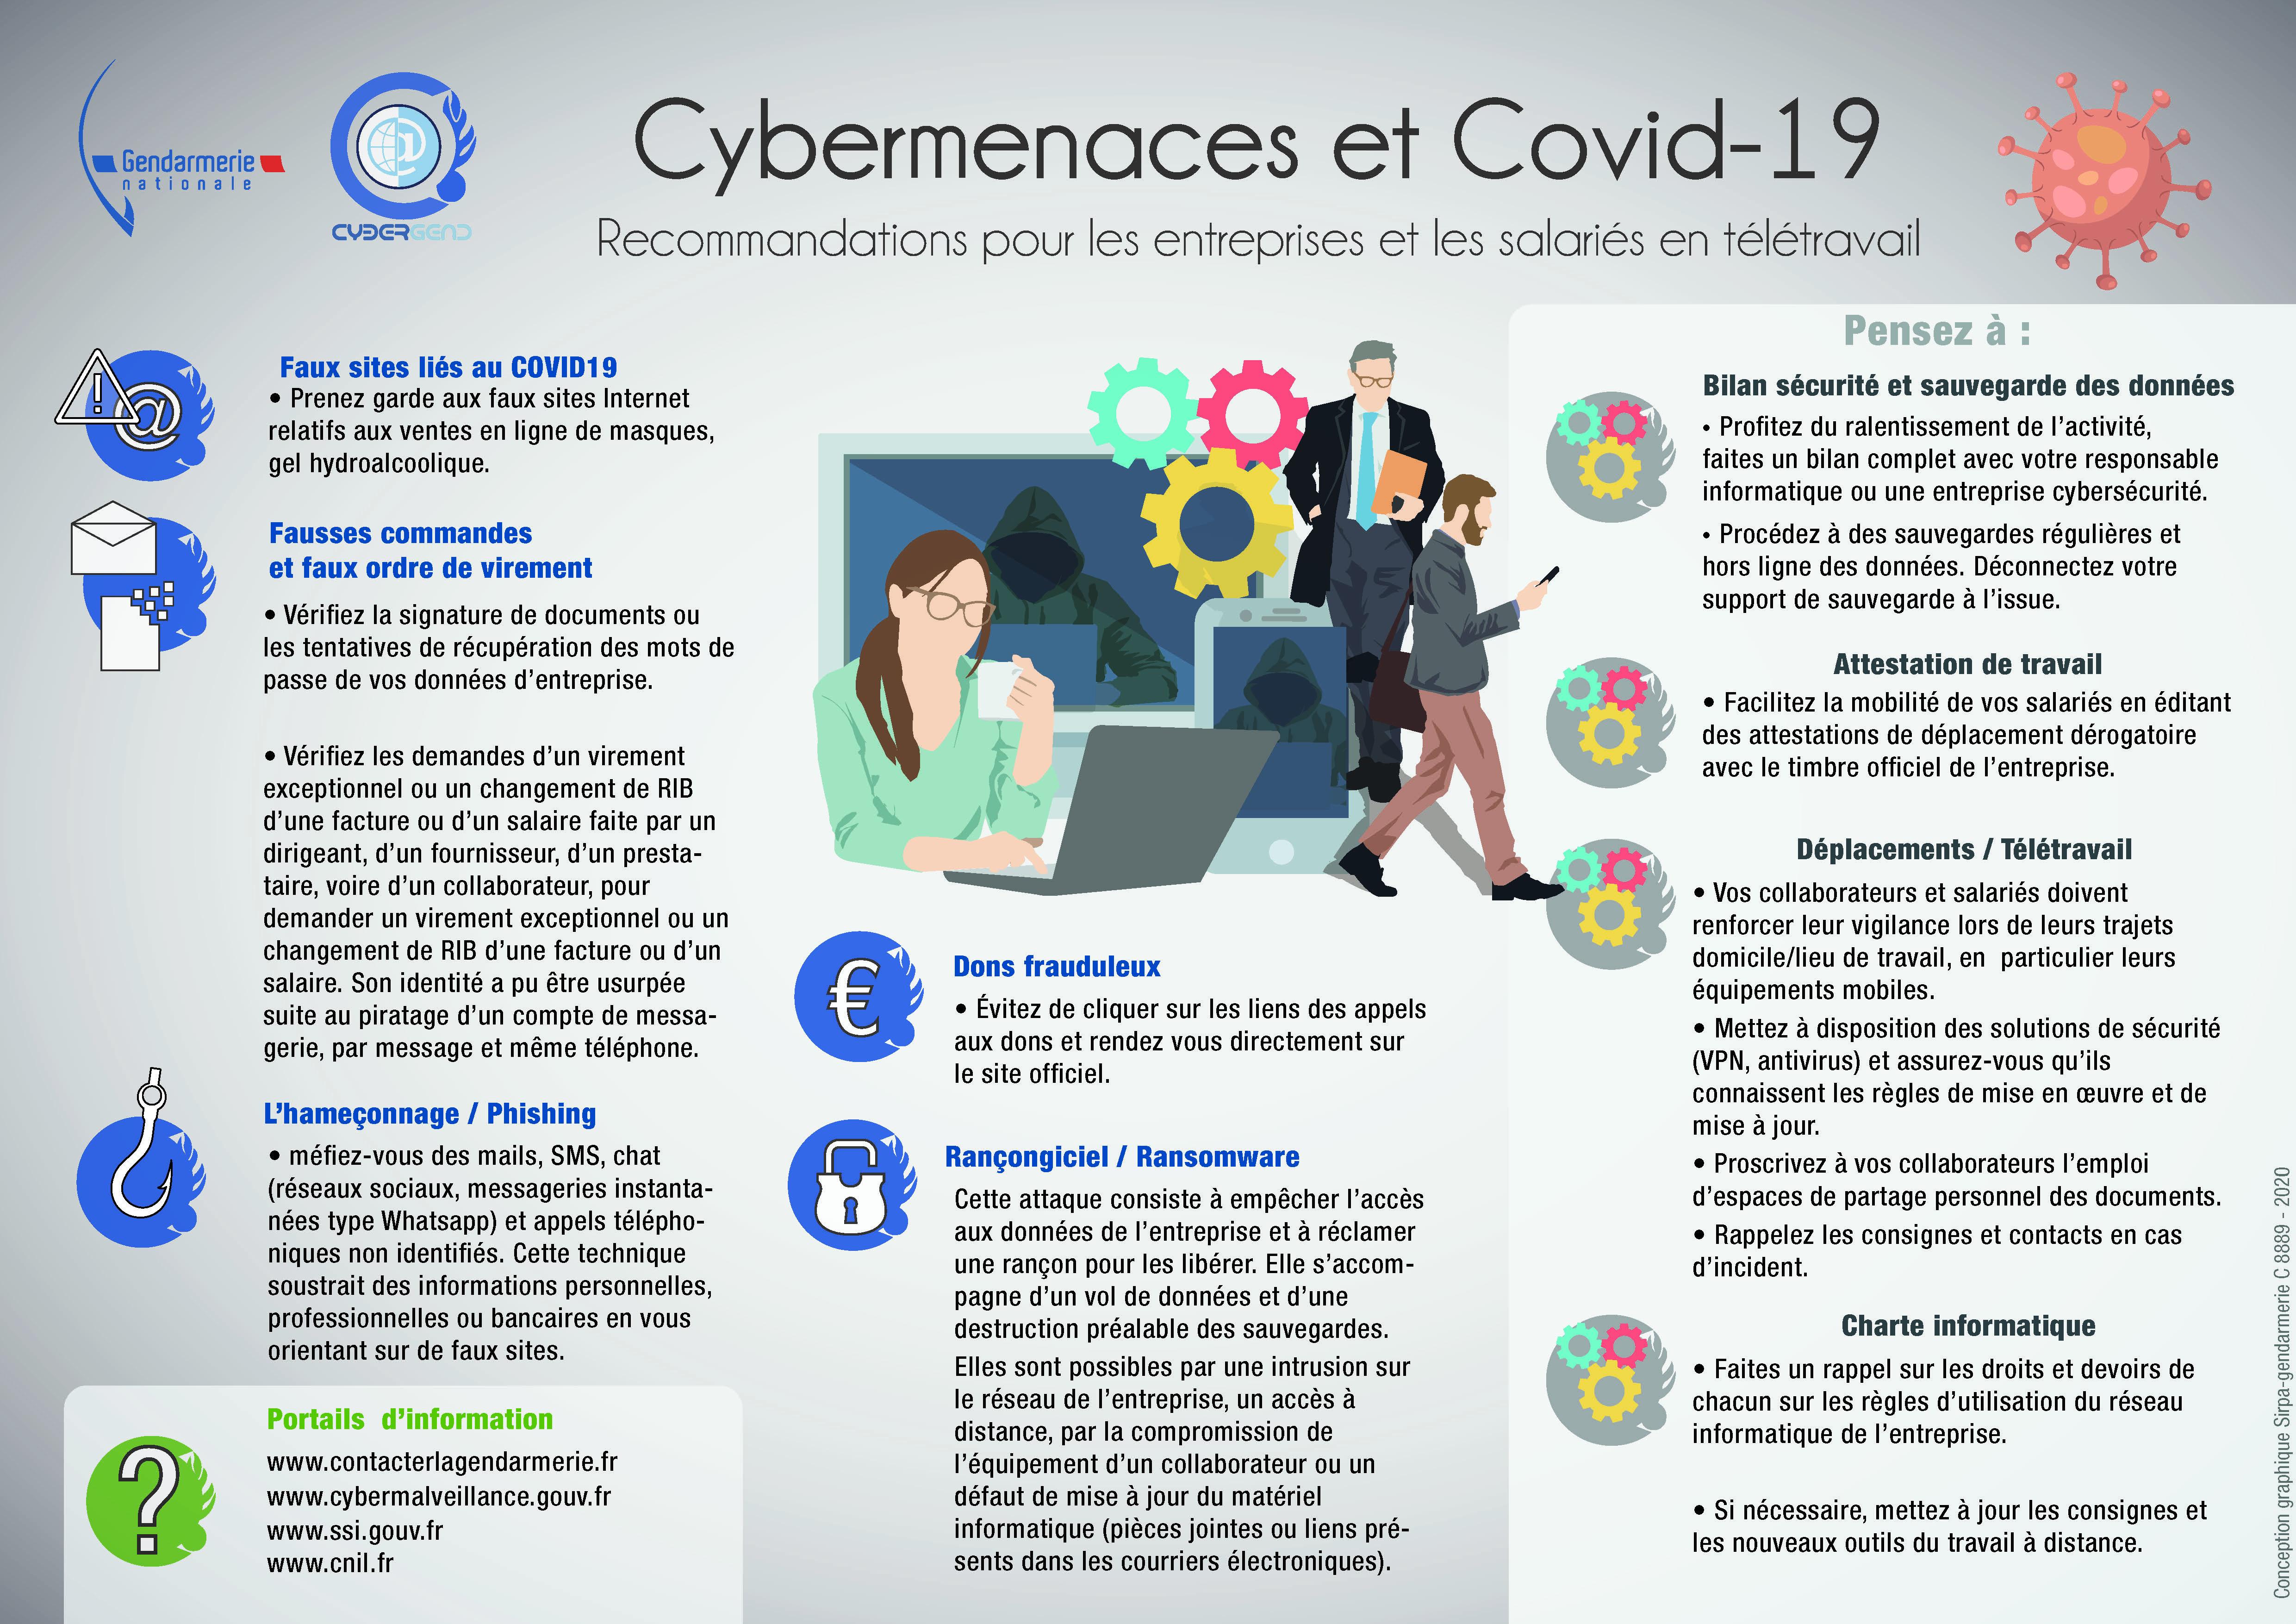 Cybermenaces_recommandations_pour_les_entreprises